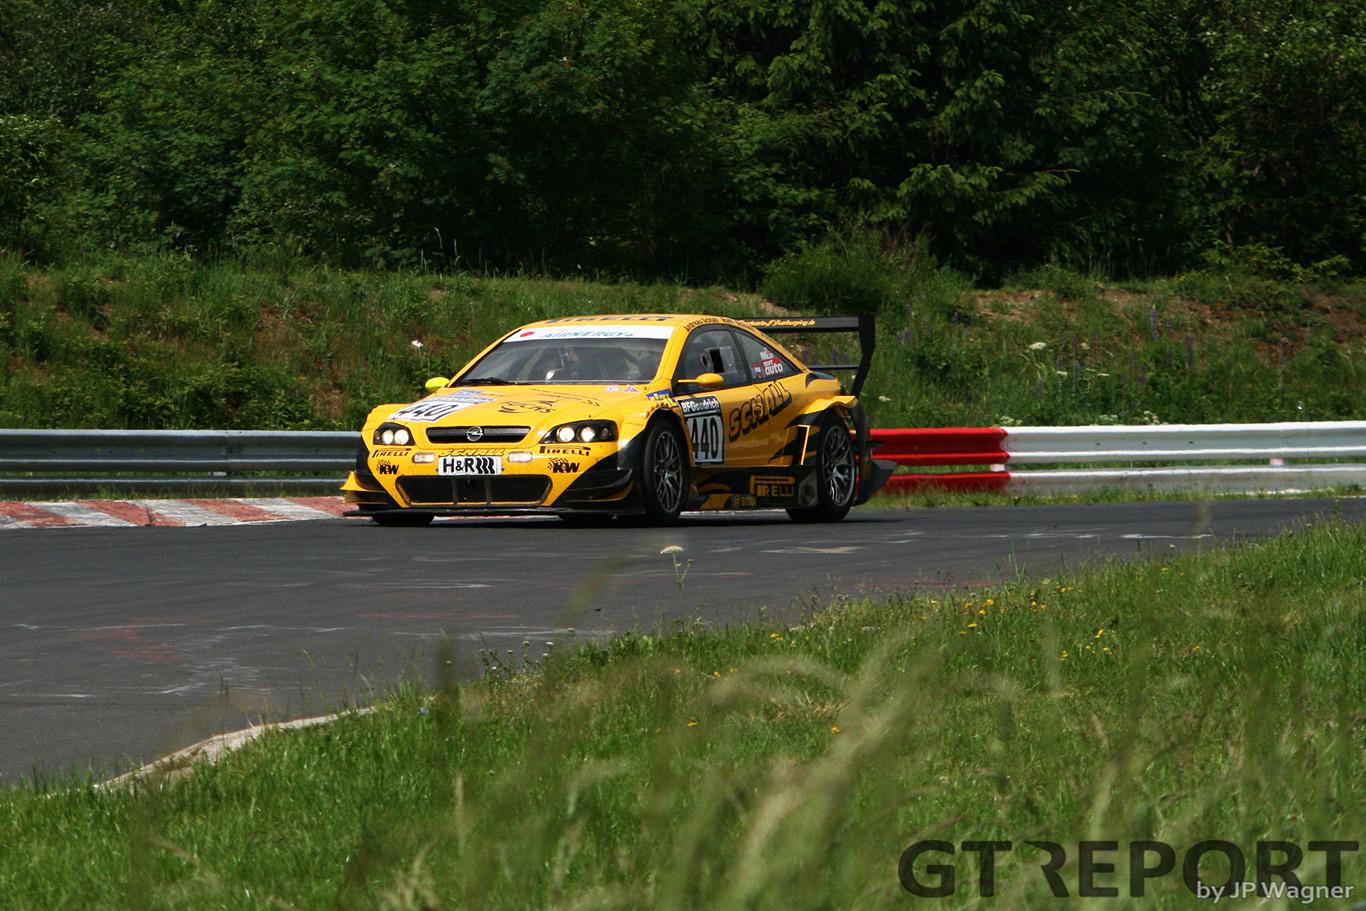 100 times Schall - GT REPORT